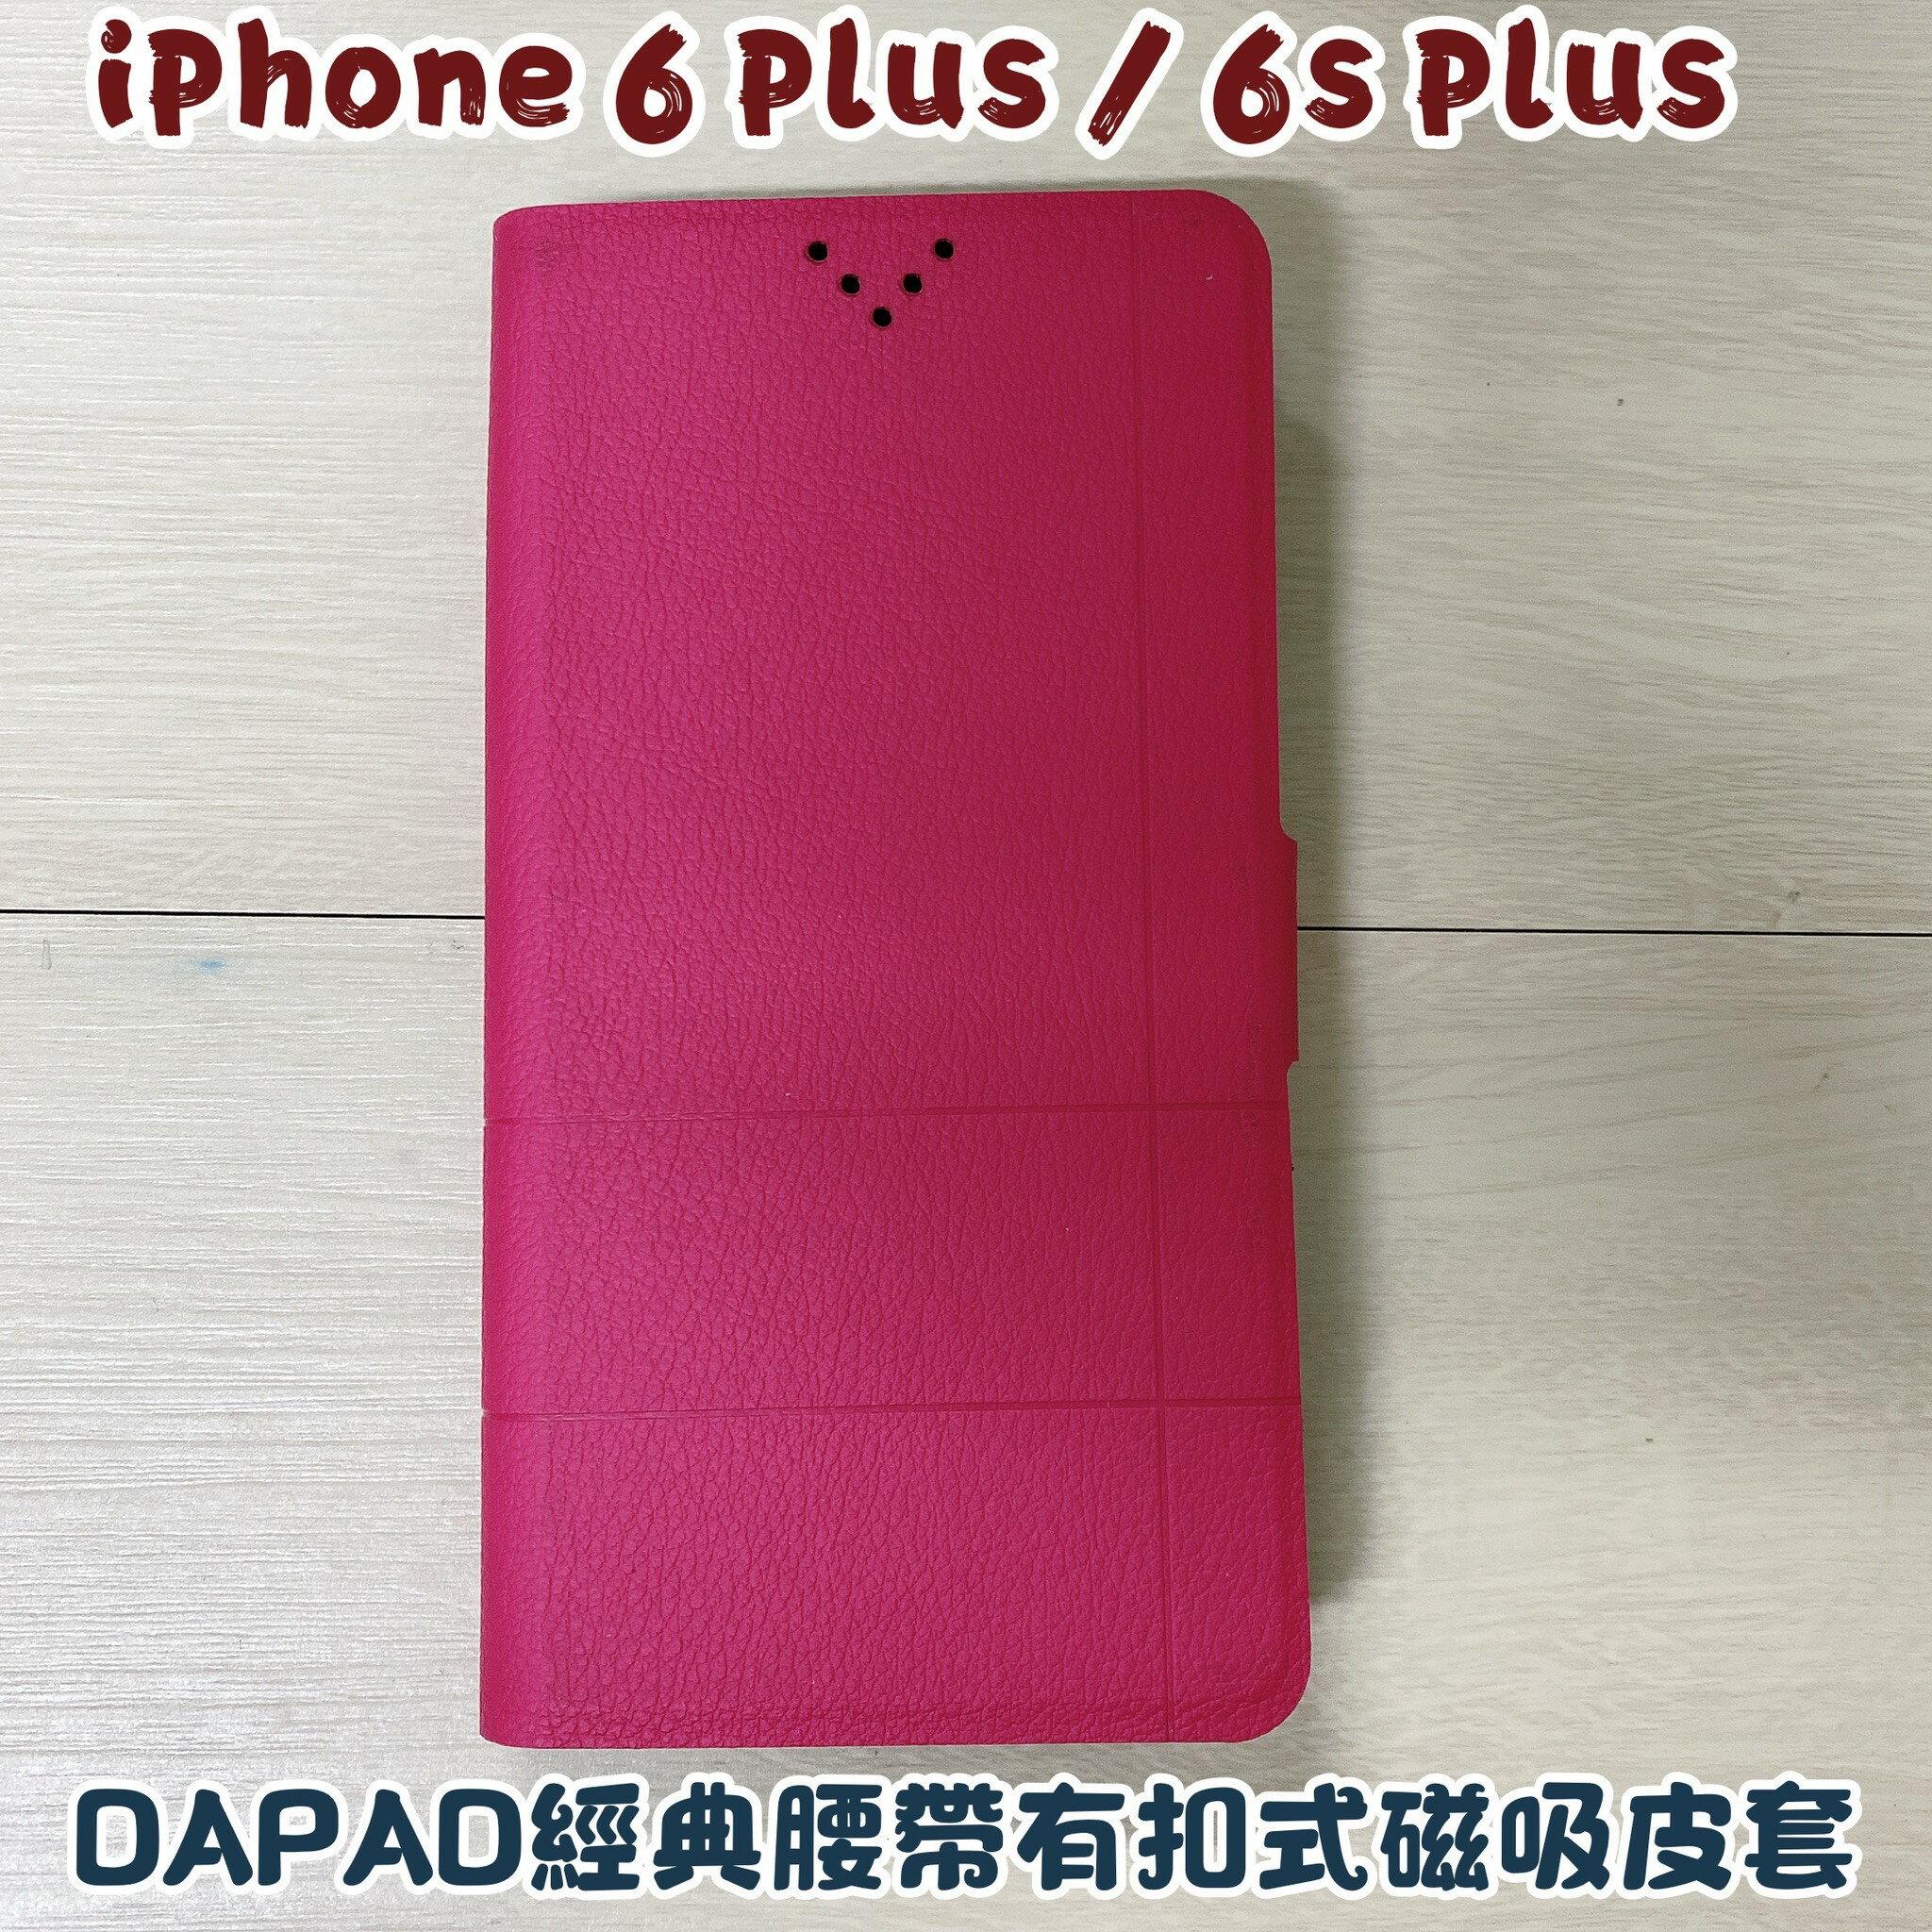 扛壩子 經典腰帶 iPhone 6 6s Plus 5.5吋 皮套背蓋手機套手機殼保護套有扣式皮套可側立看影片